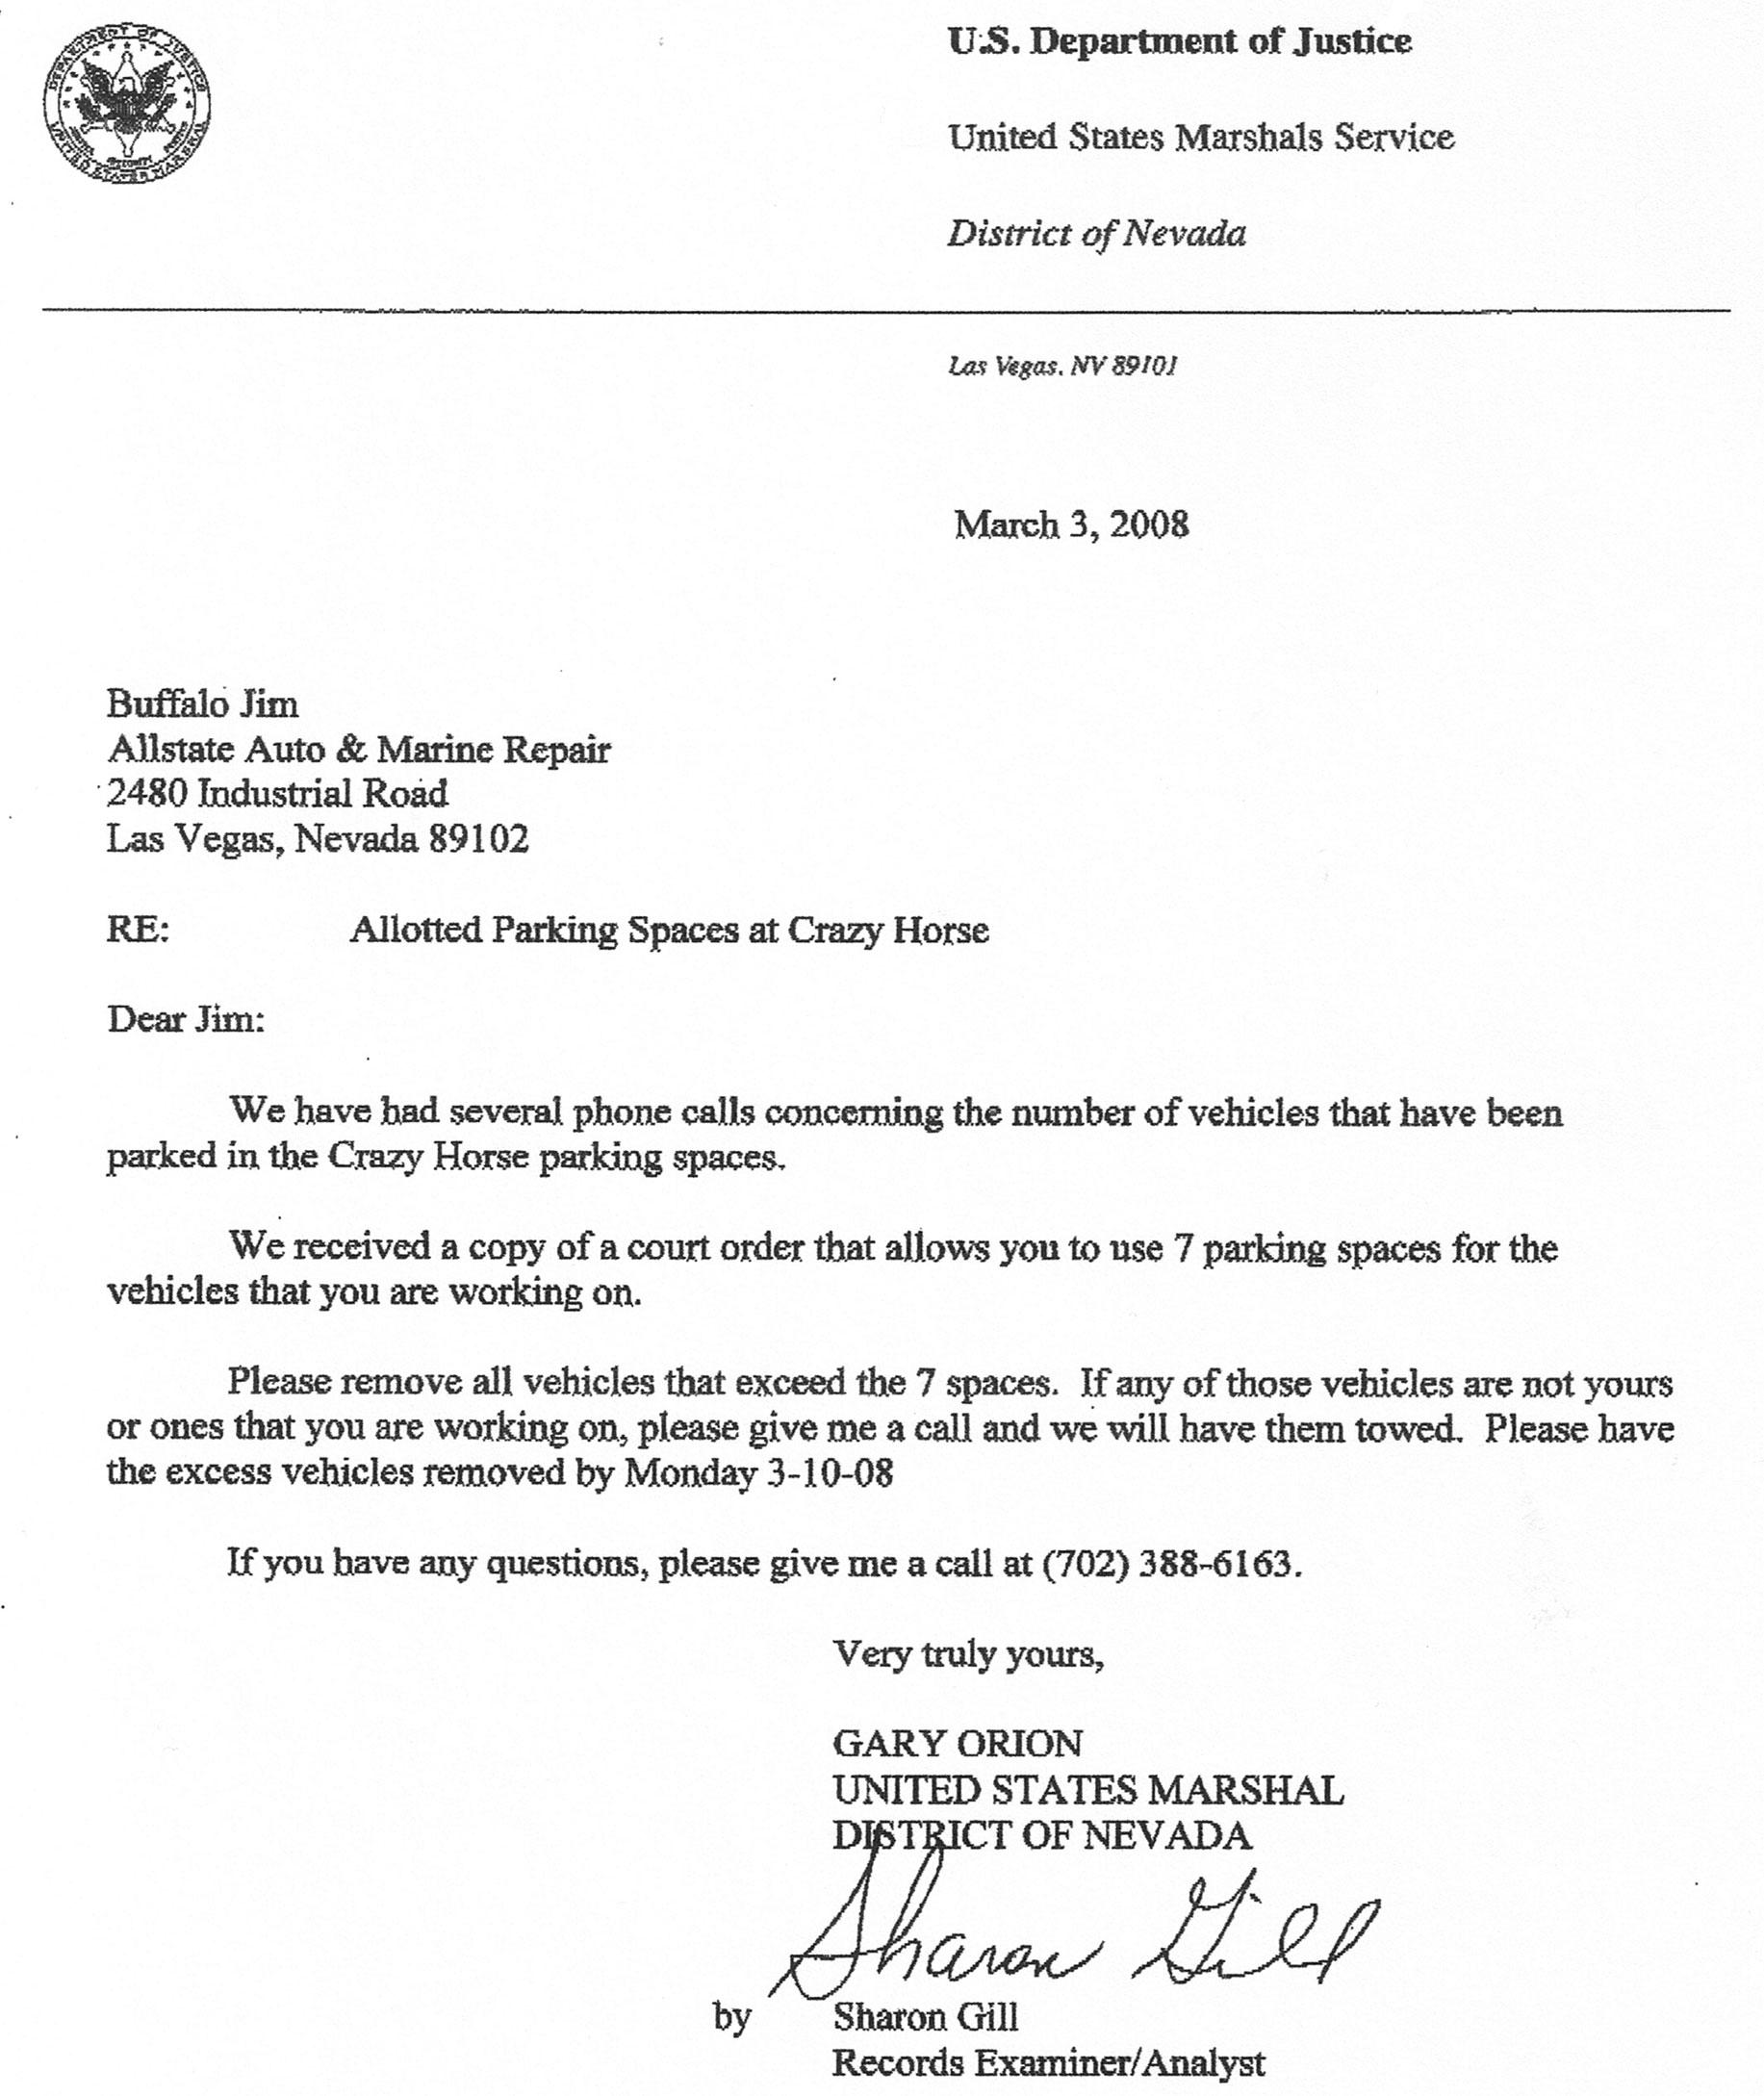 Httpfedbizoppsgov Business Letter Format Hand Delivered Sample Business Letter